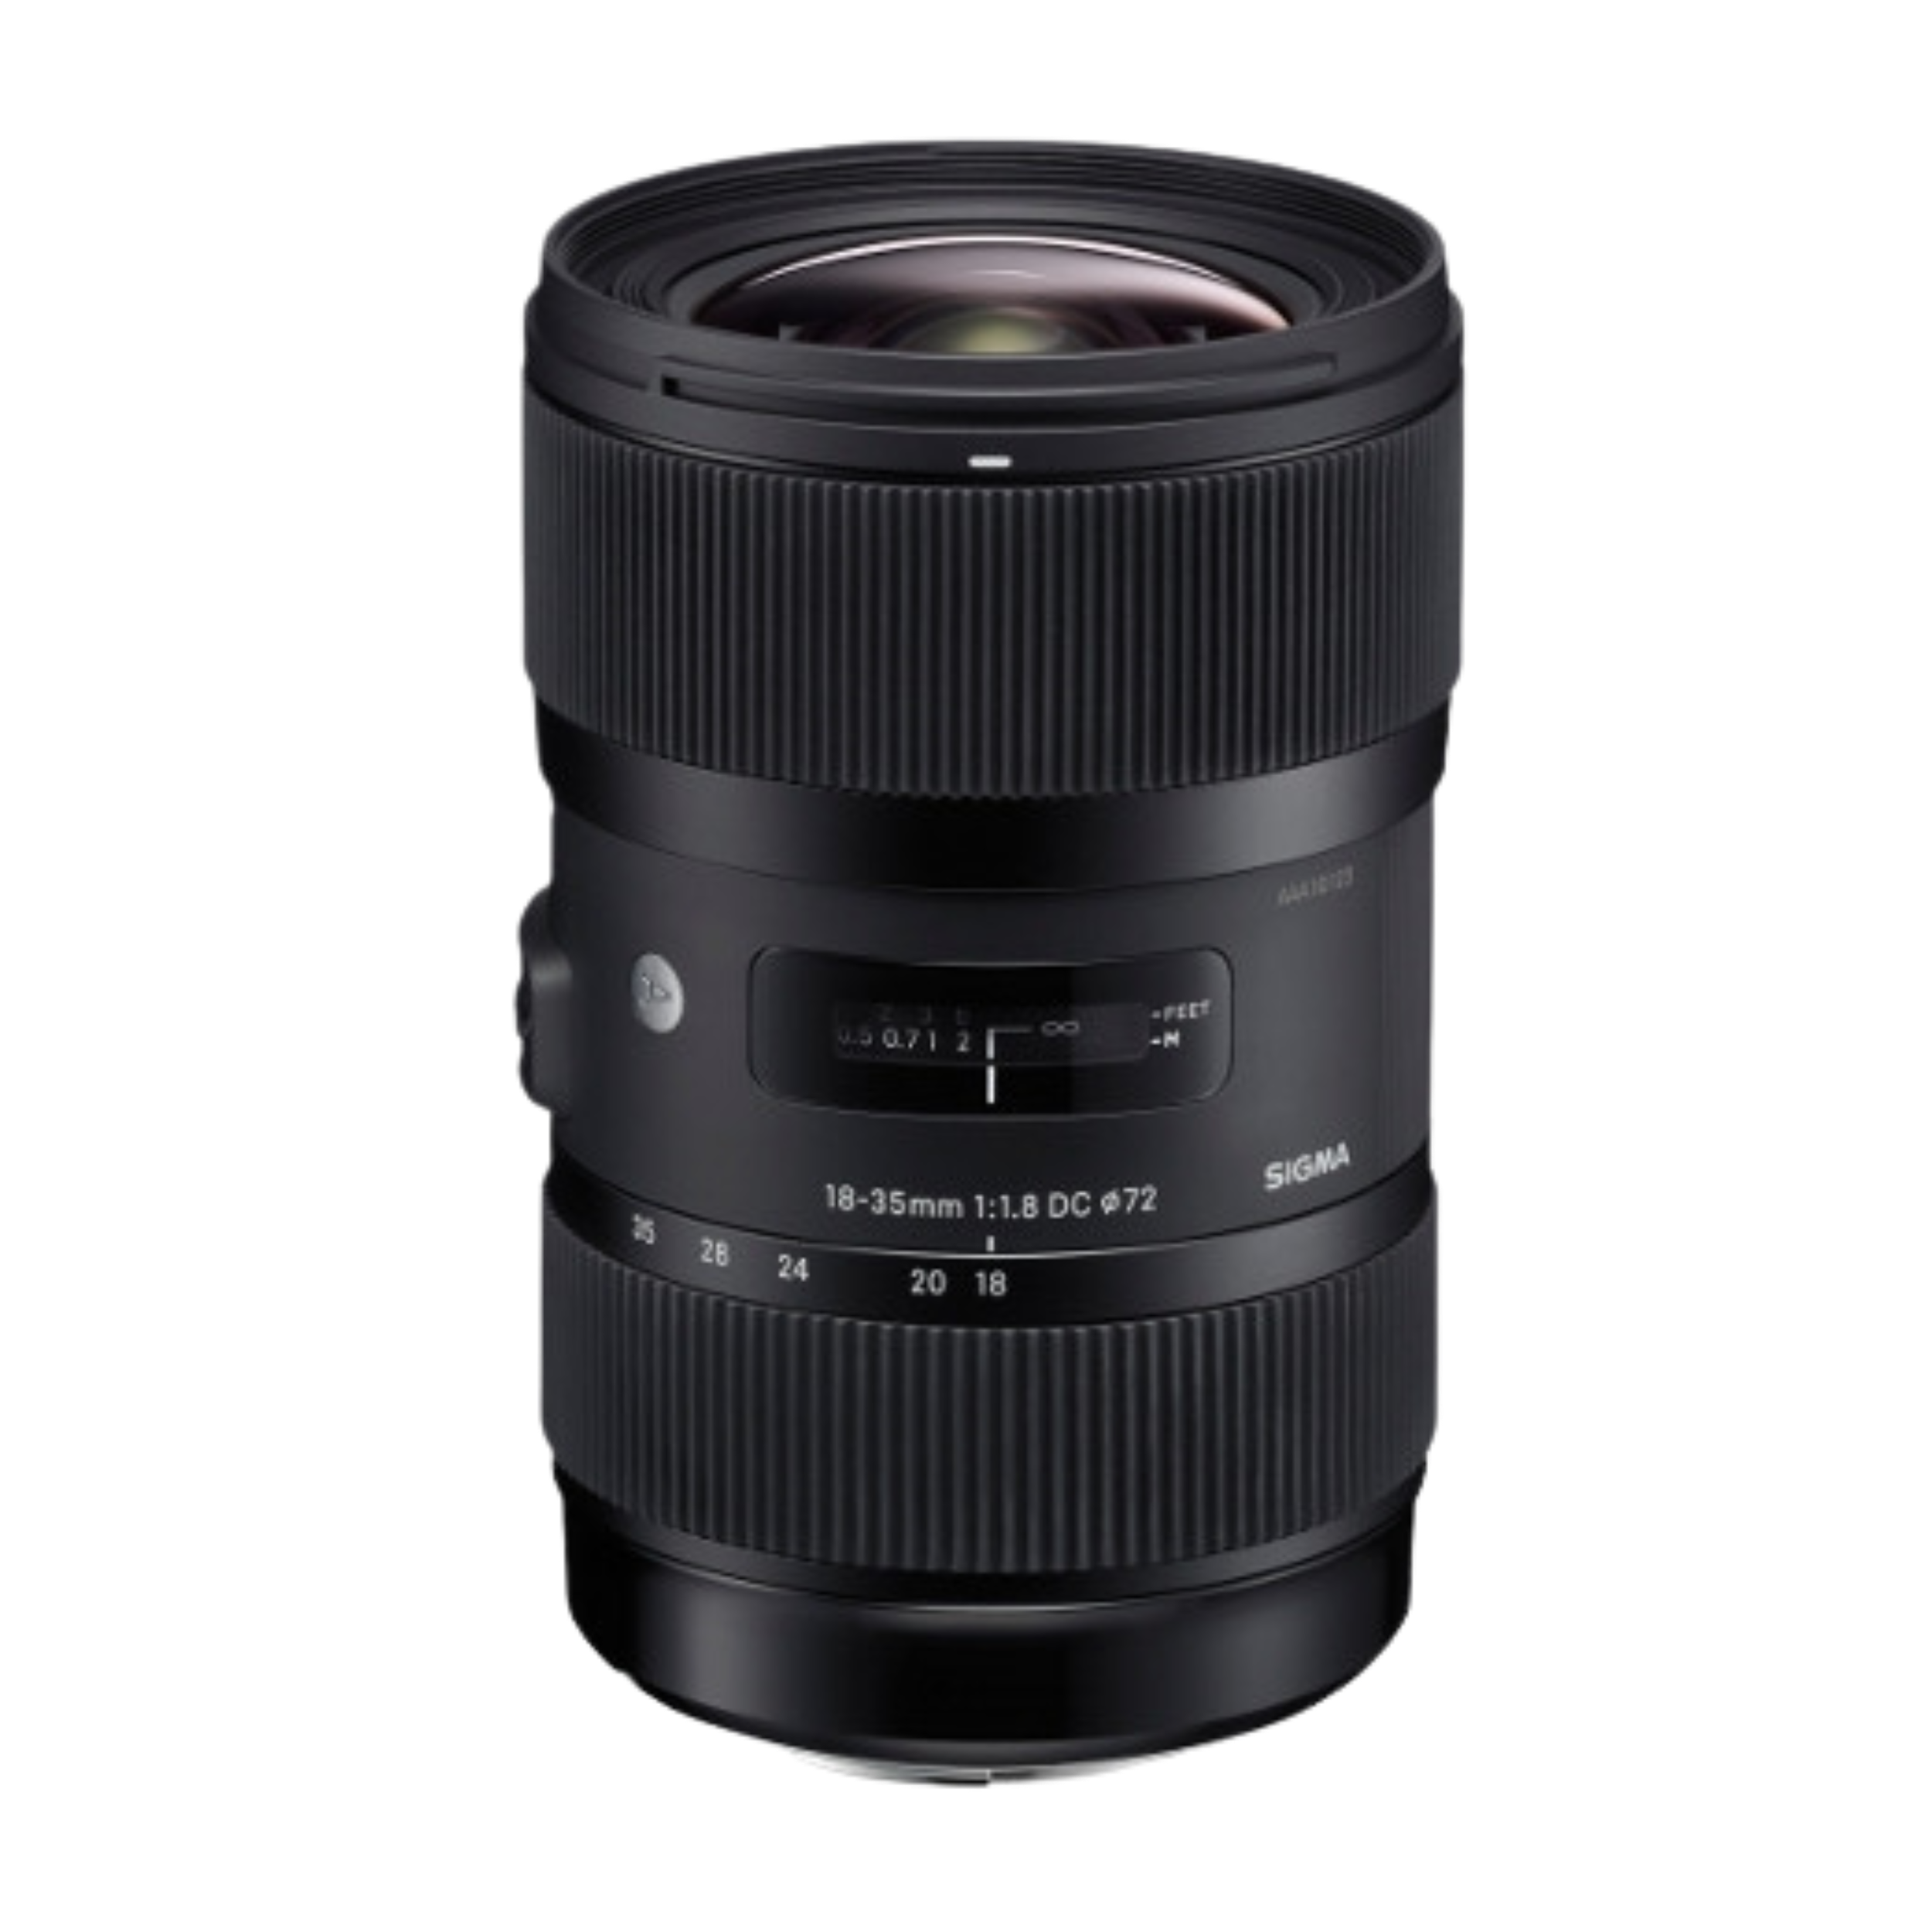 Sigma 18-35mm f/1.8 - Canon EF